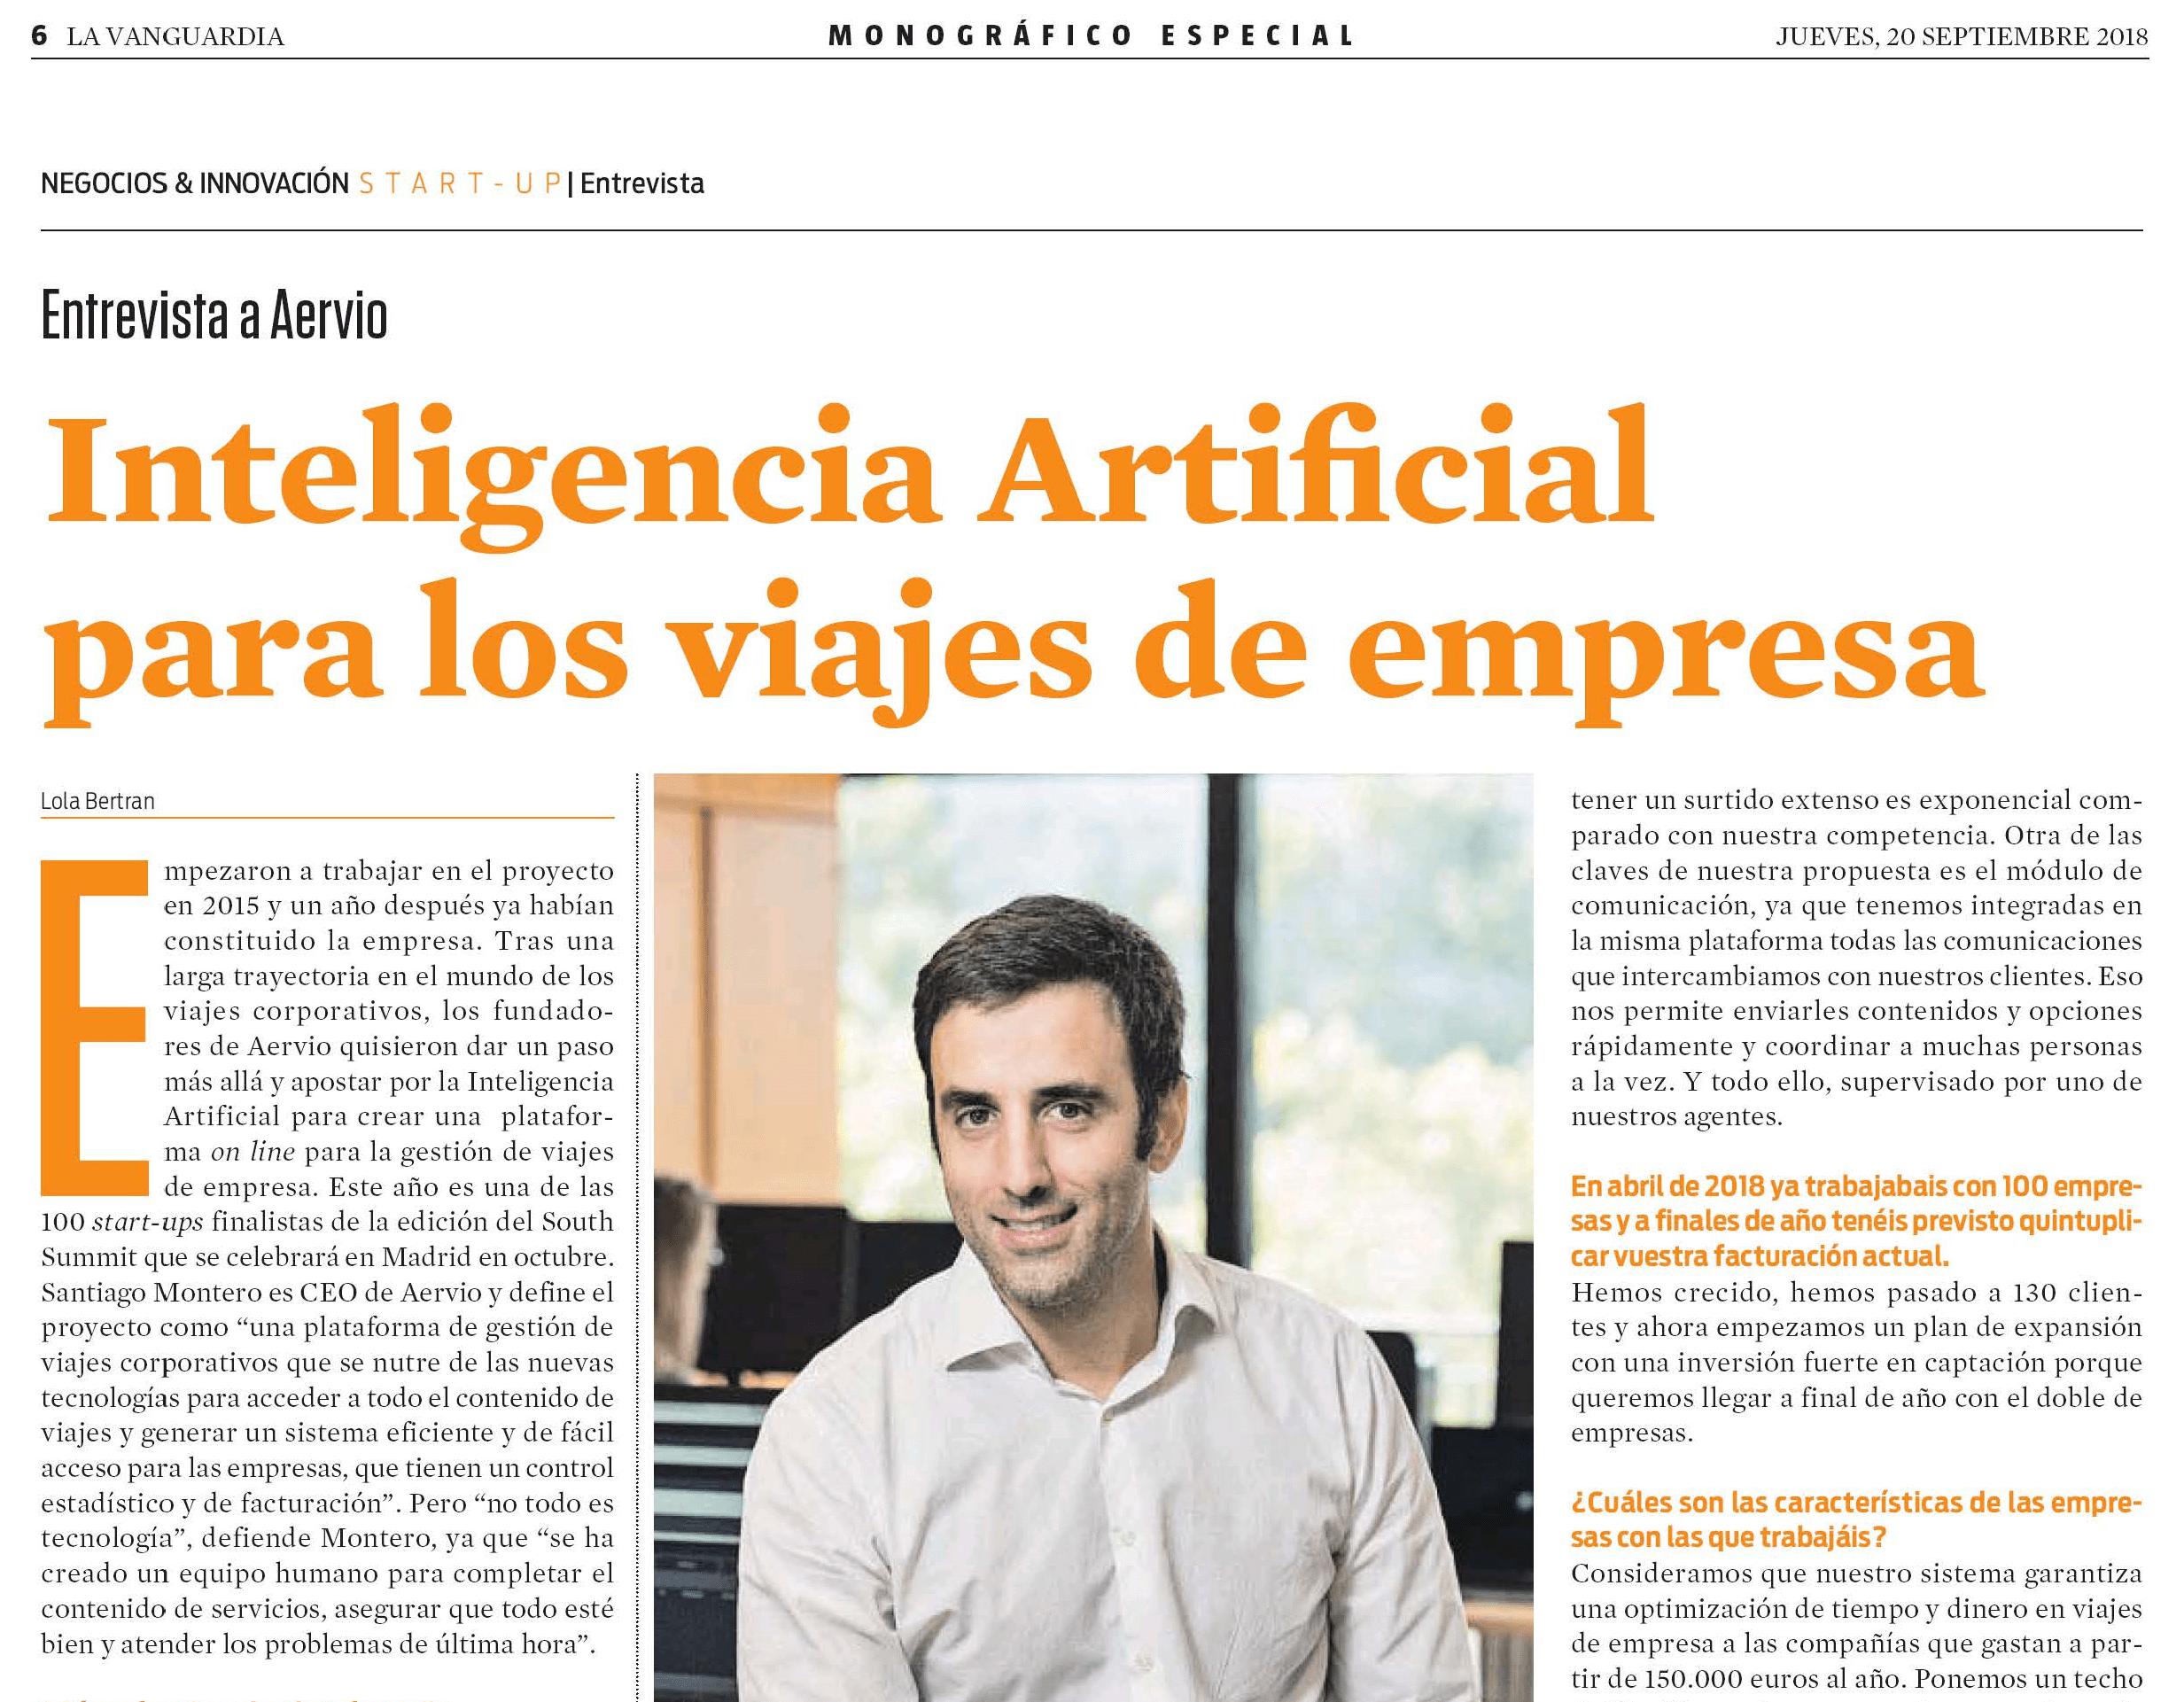 https://whiterabbit.es/wp-content/uploads/2018/09/aervio-lavanguardia-cabecera.png